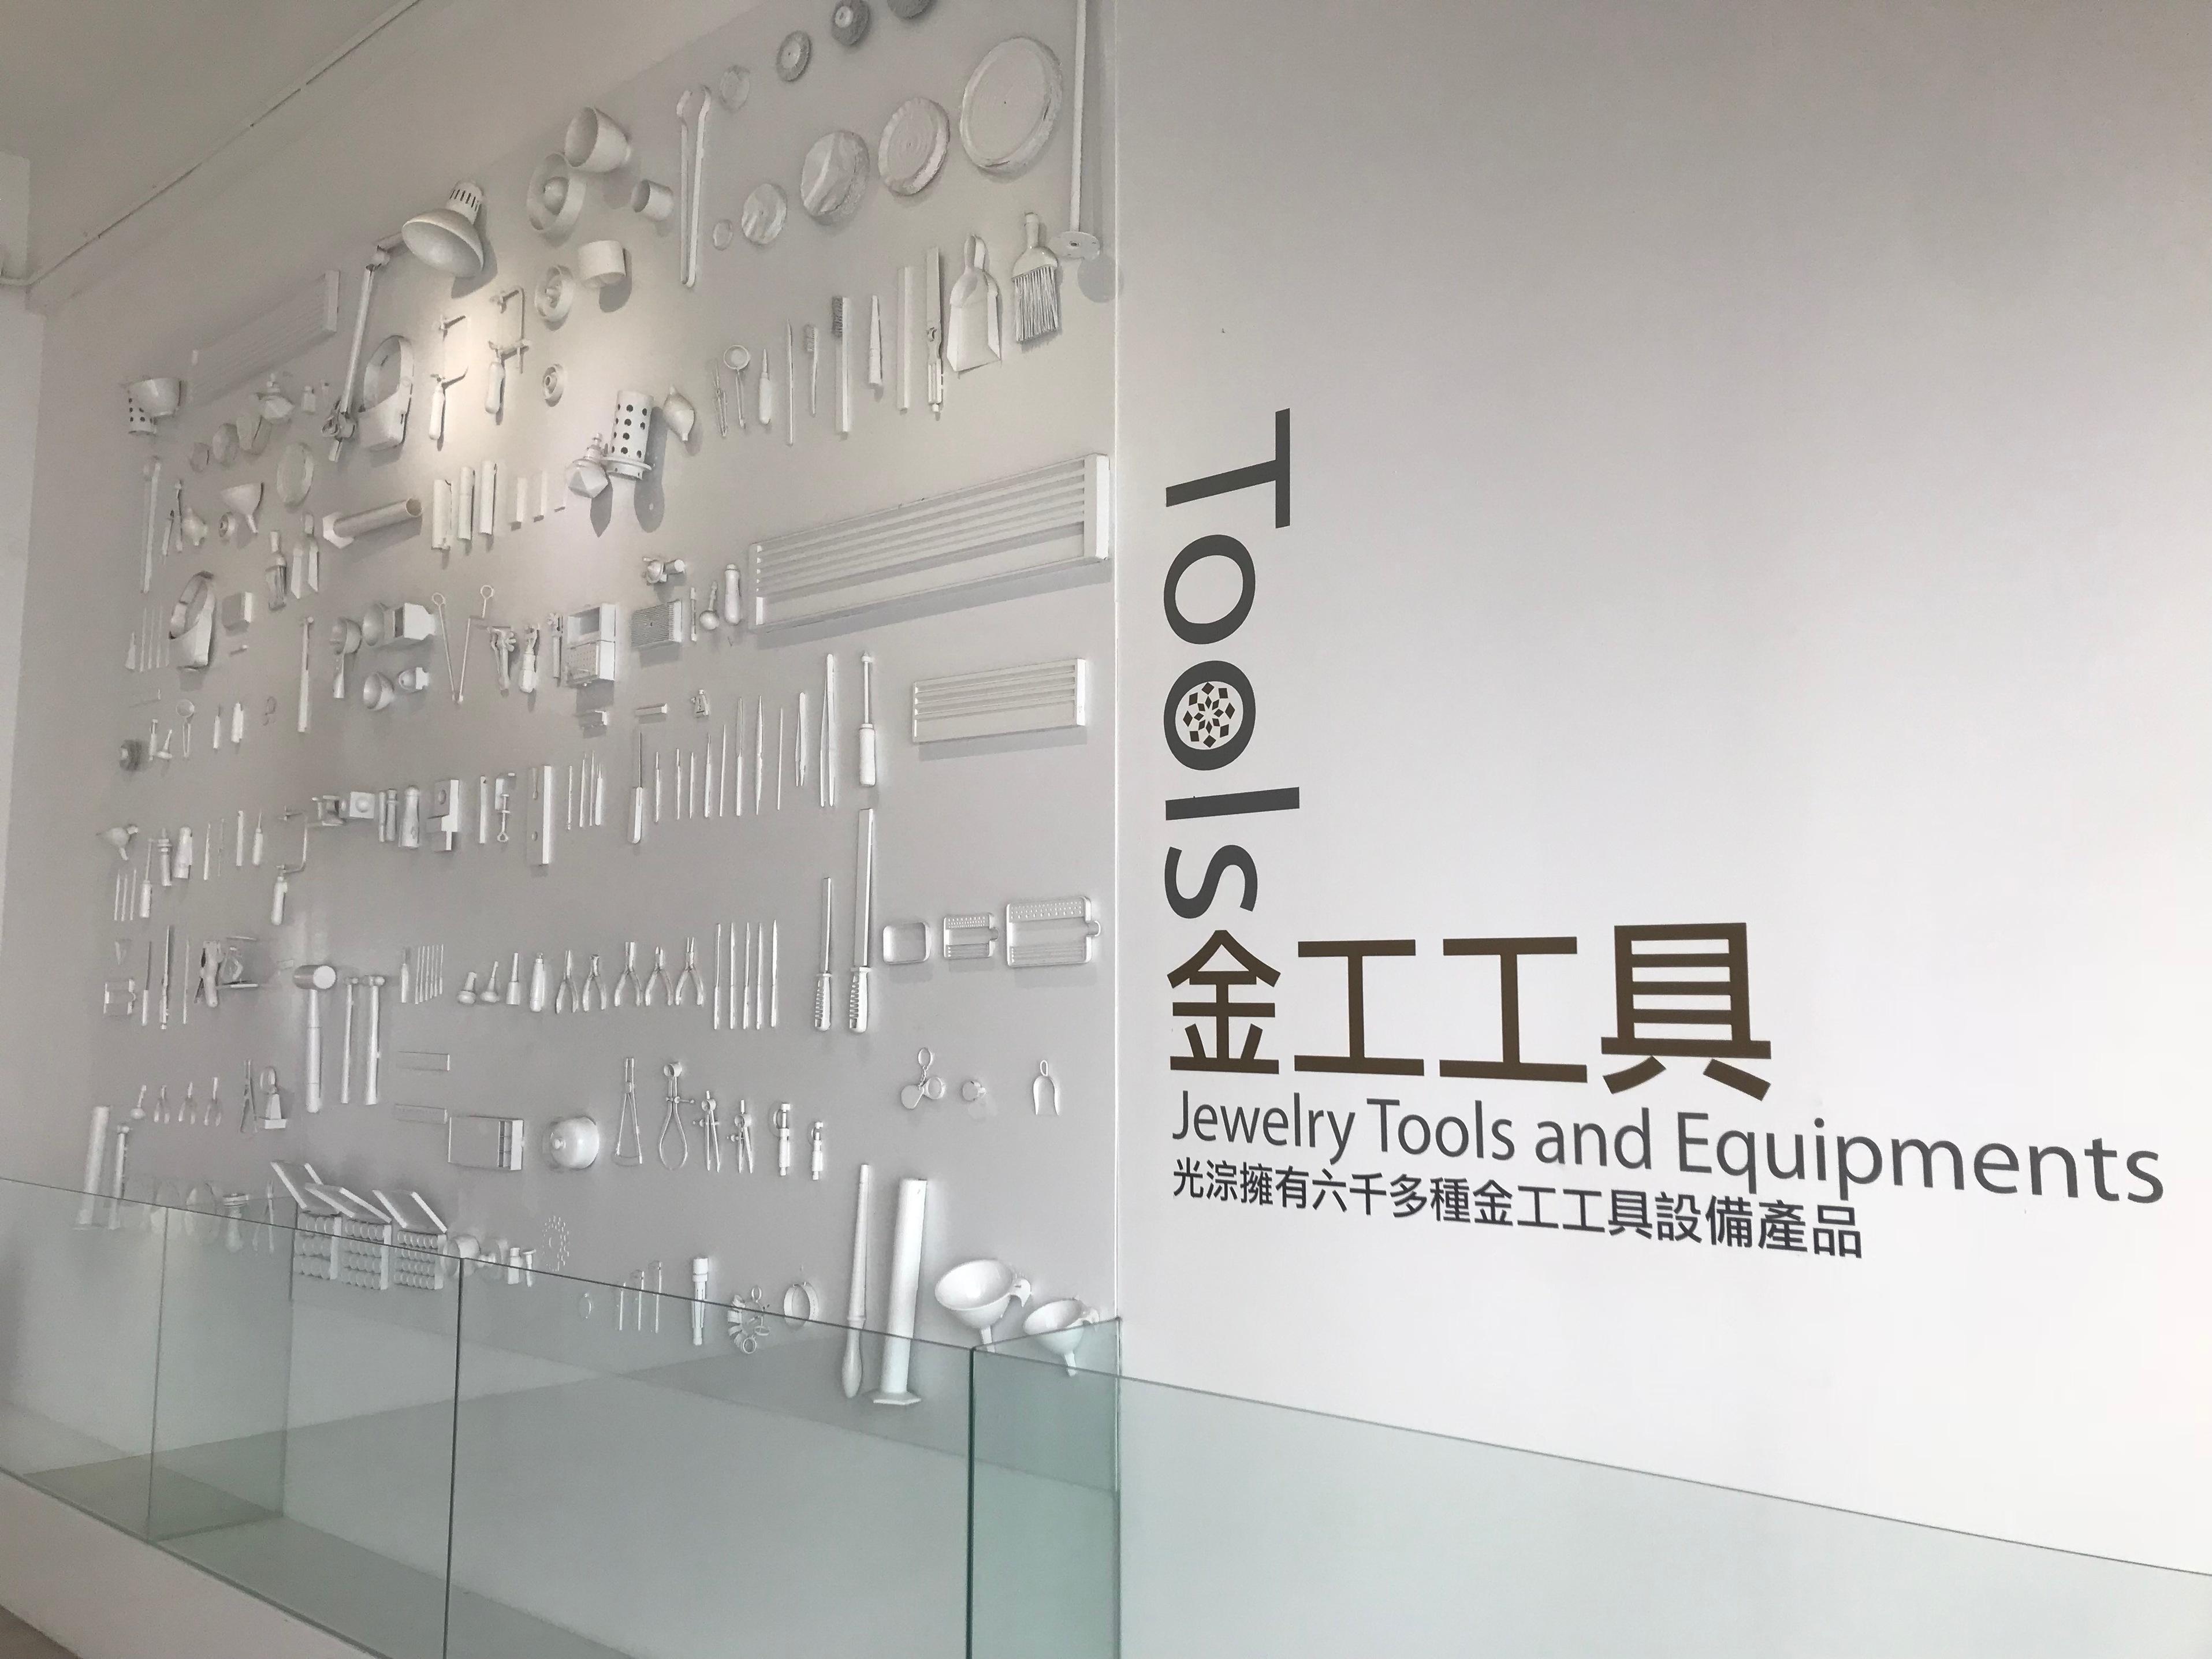 台灣自媒體協會企業報導》Pandora、Tiffany不能沒有它!50年品牌「光淙金工」留根台灣,老品牌新元素迸出新火花